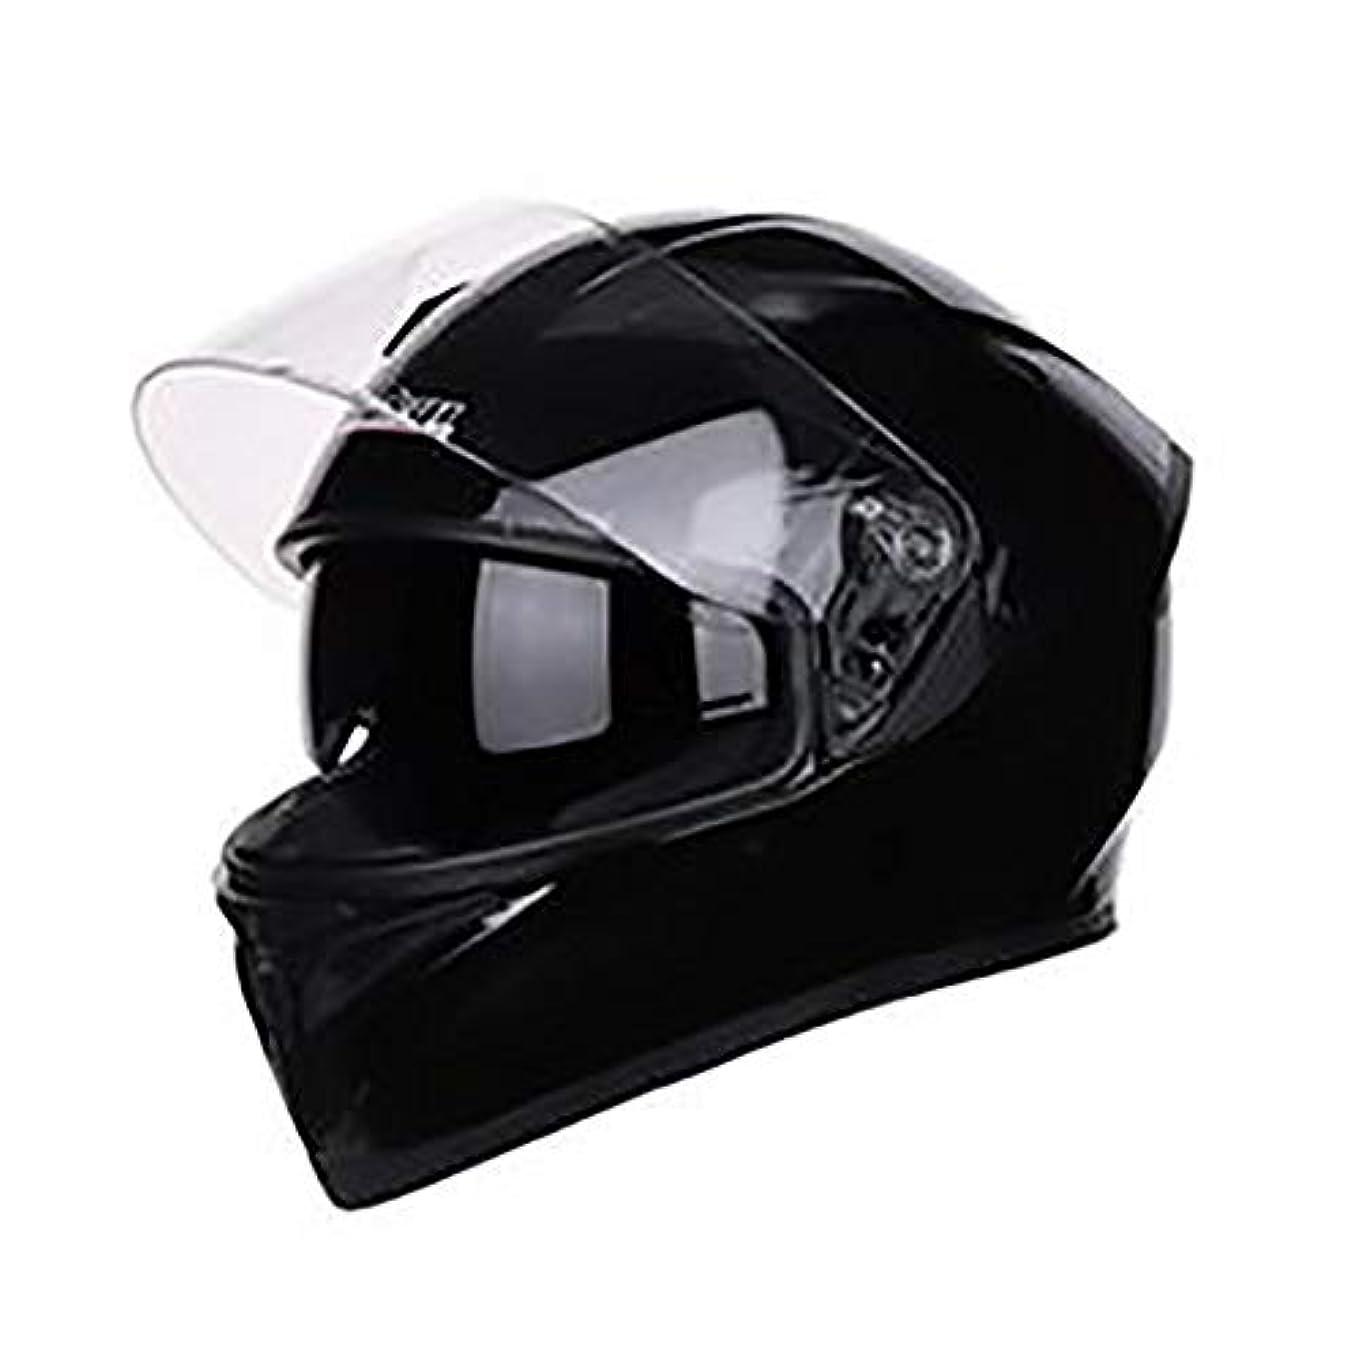 モナリザ行き当たりばったり悩みTOMSSL高品質 電気自動車のオートバイのヘルメットの自転車のマウンテンバイクのヘルメットの屋外の乗馬装置に乗っている明るい黒の大人の自転車のヘルメット (Size : XL)